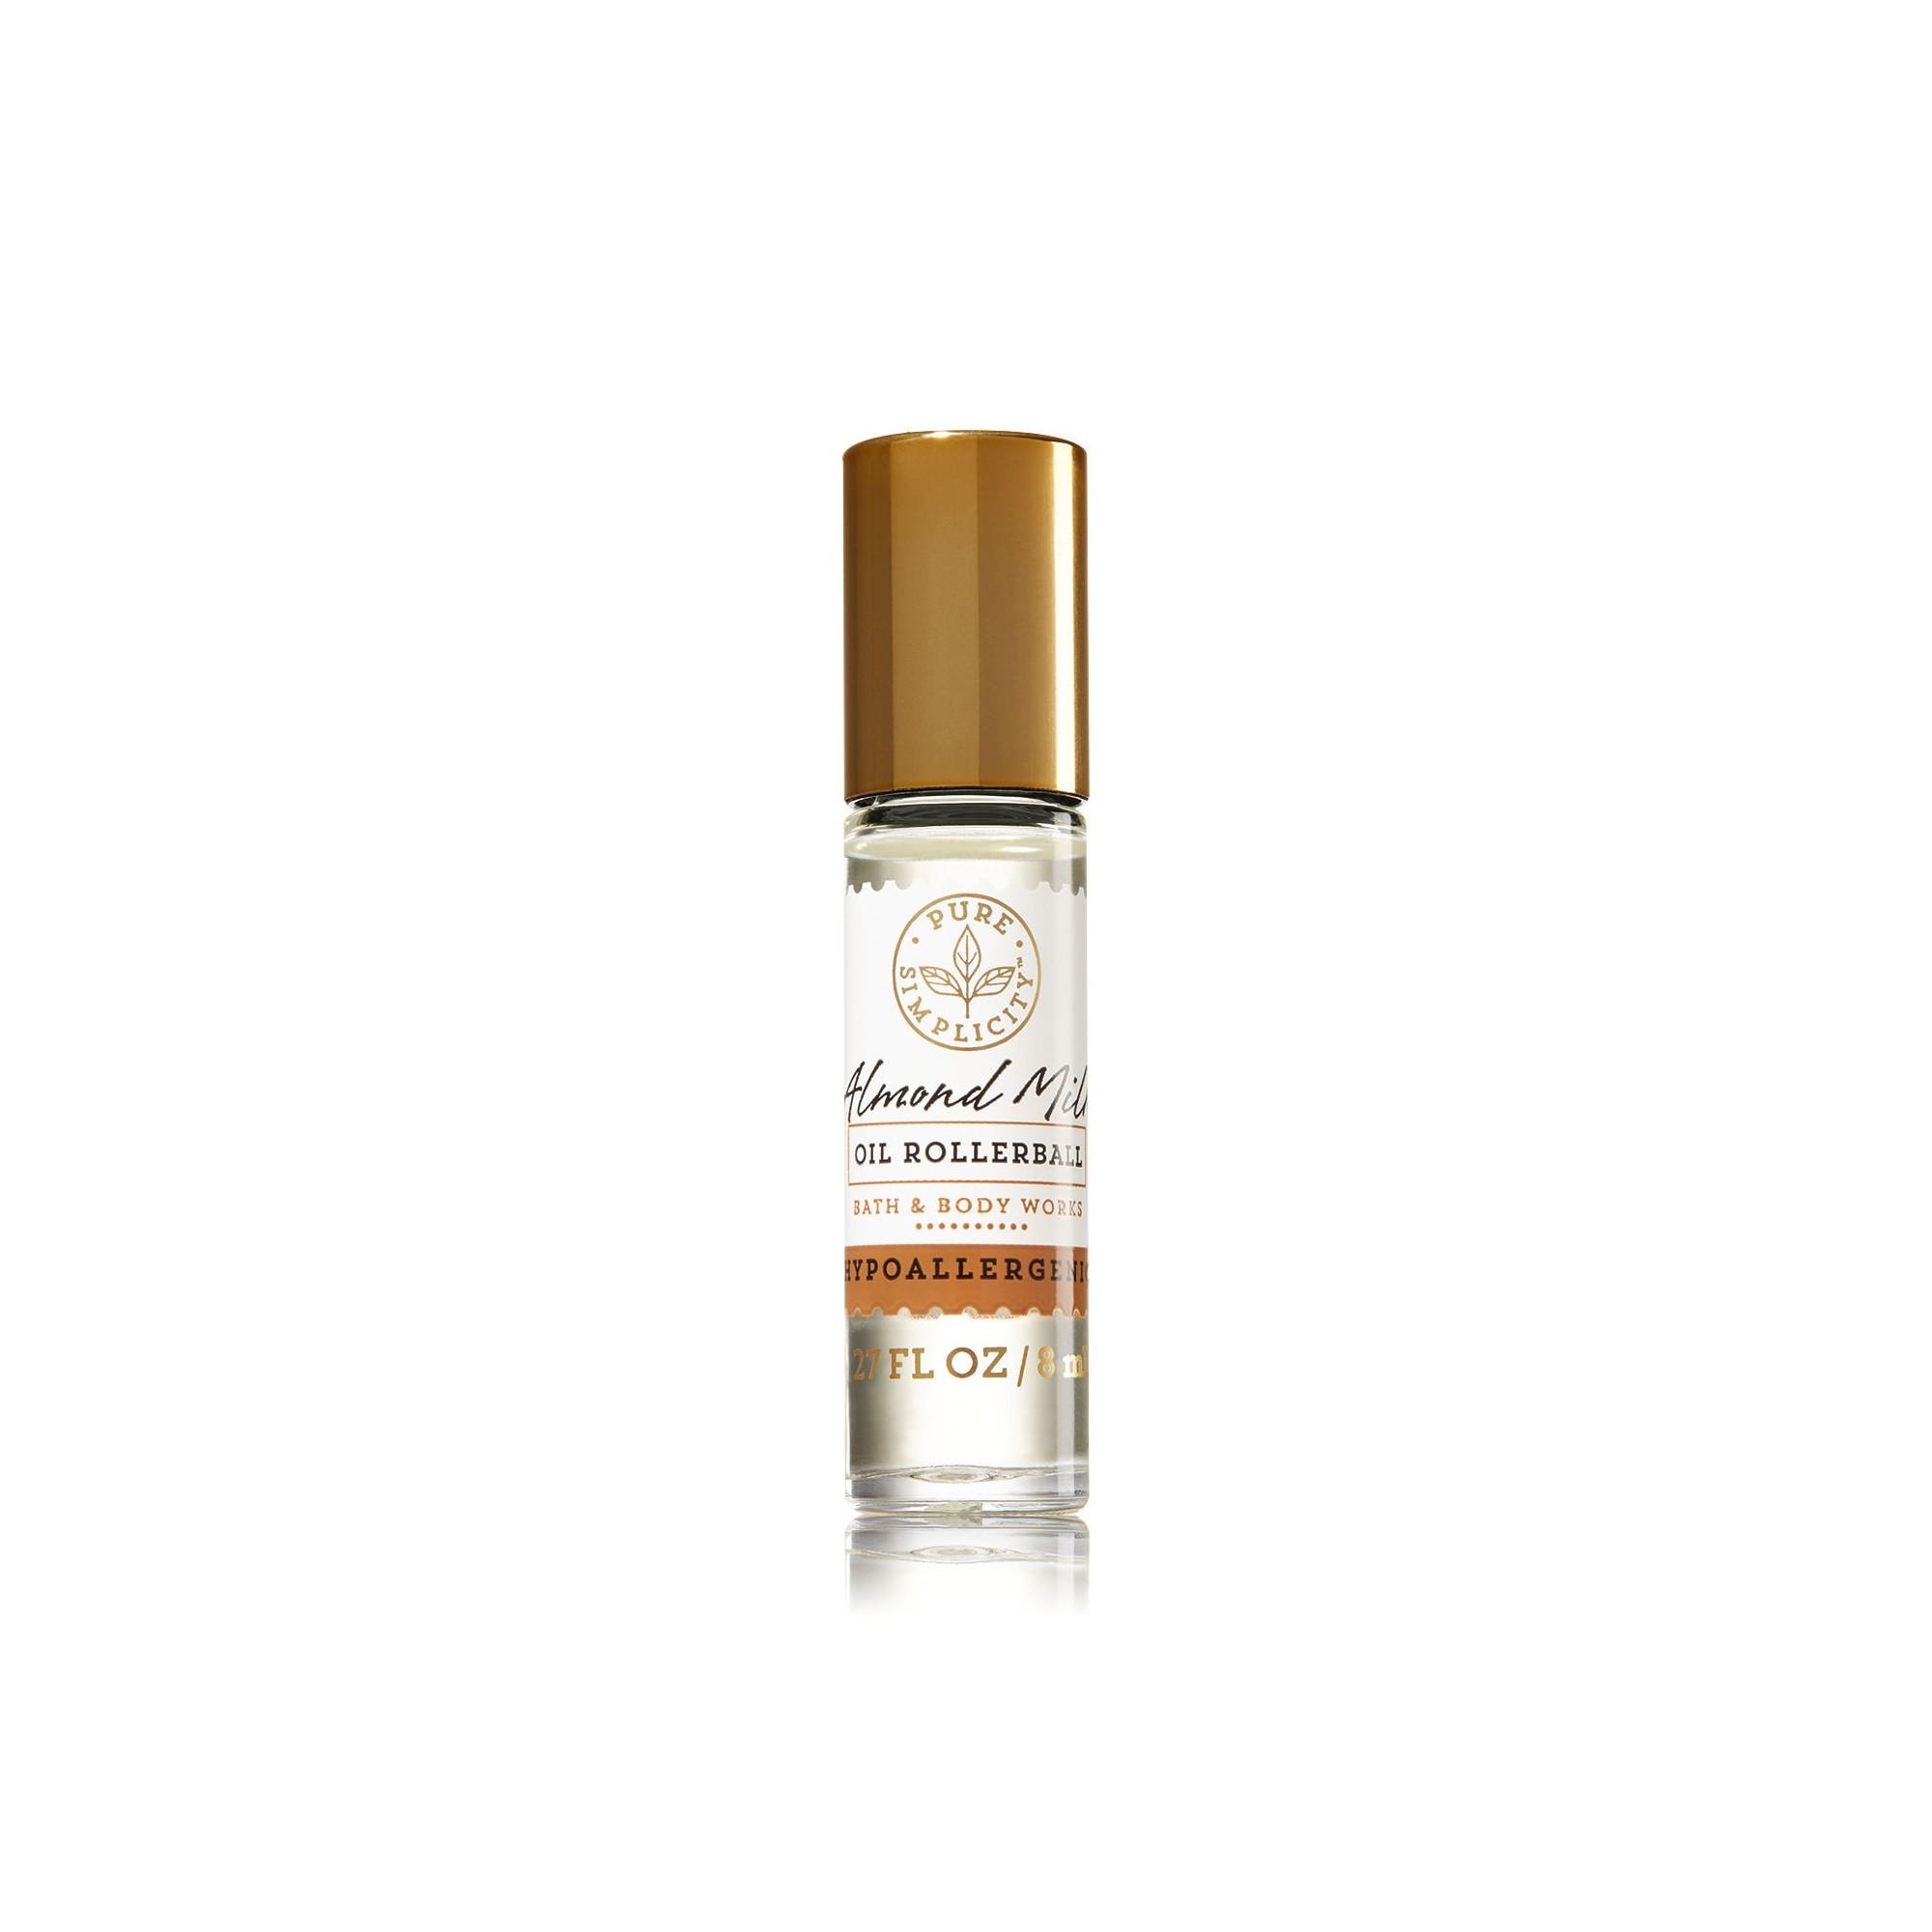 Bath & Body Works Almond Milk Oil Rollerball